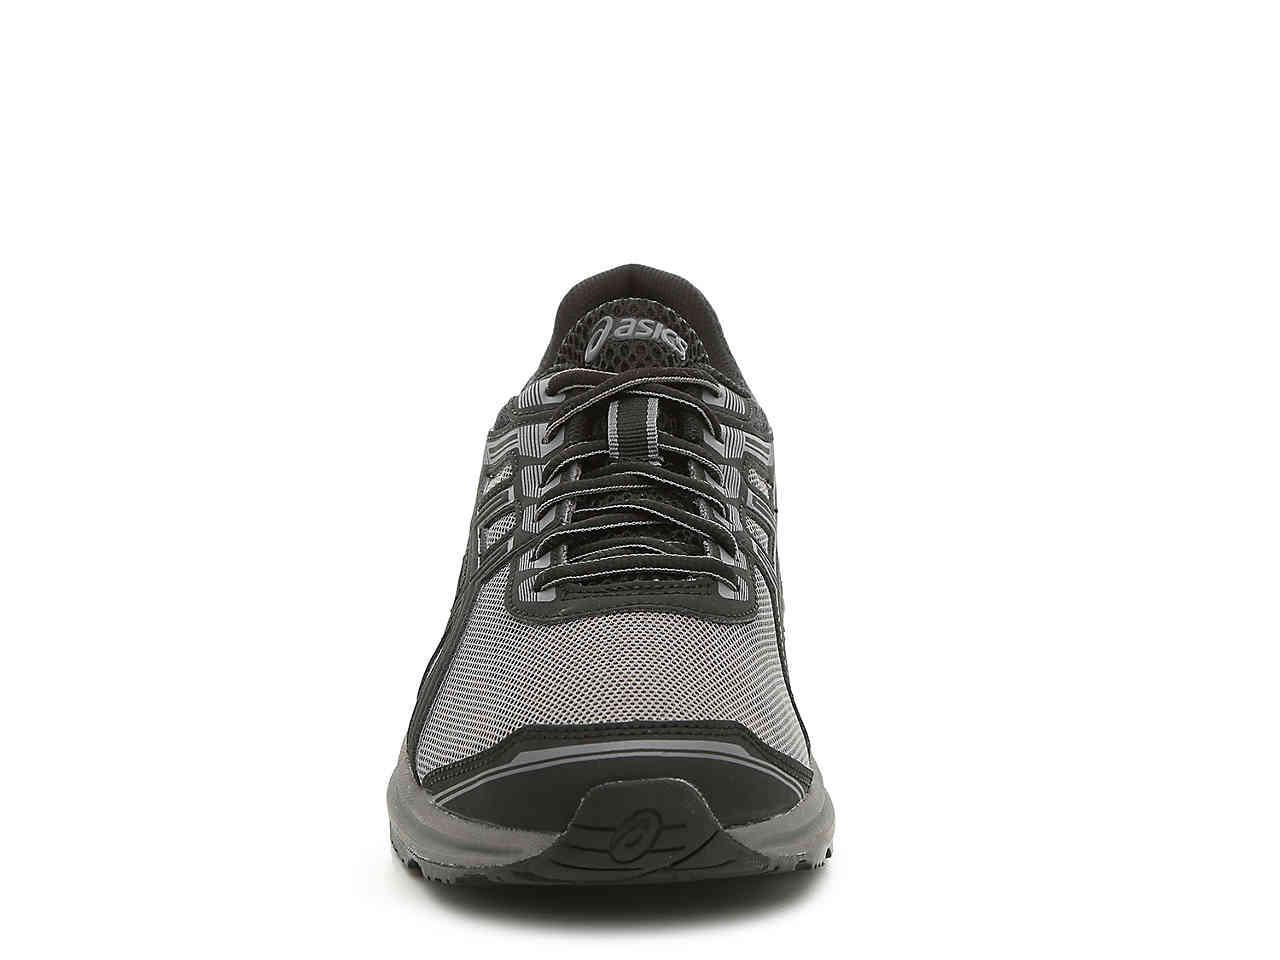 e3919bff467 Asics - Black Gel-sileo Running Shoe for Men - Lyst. View fullscreen